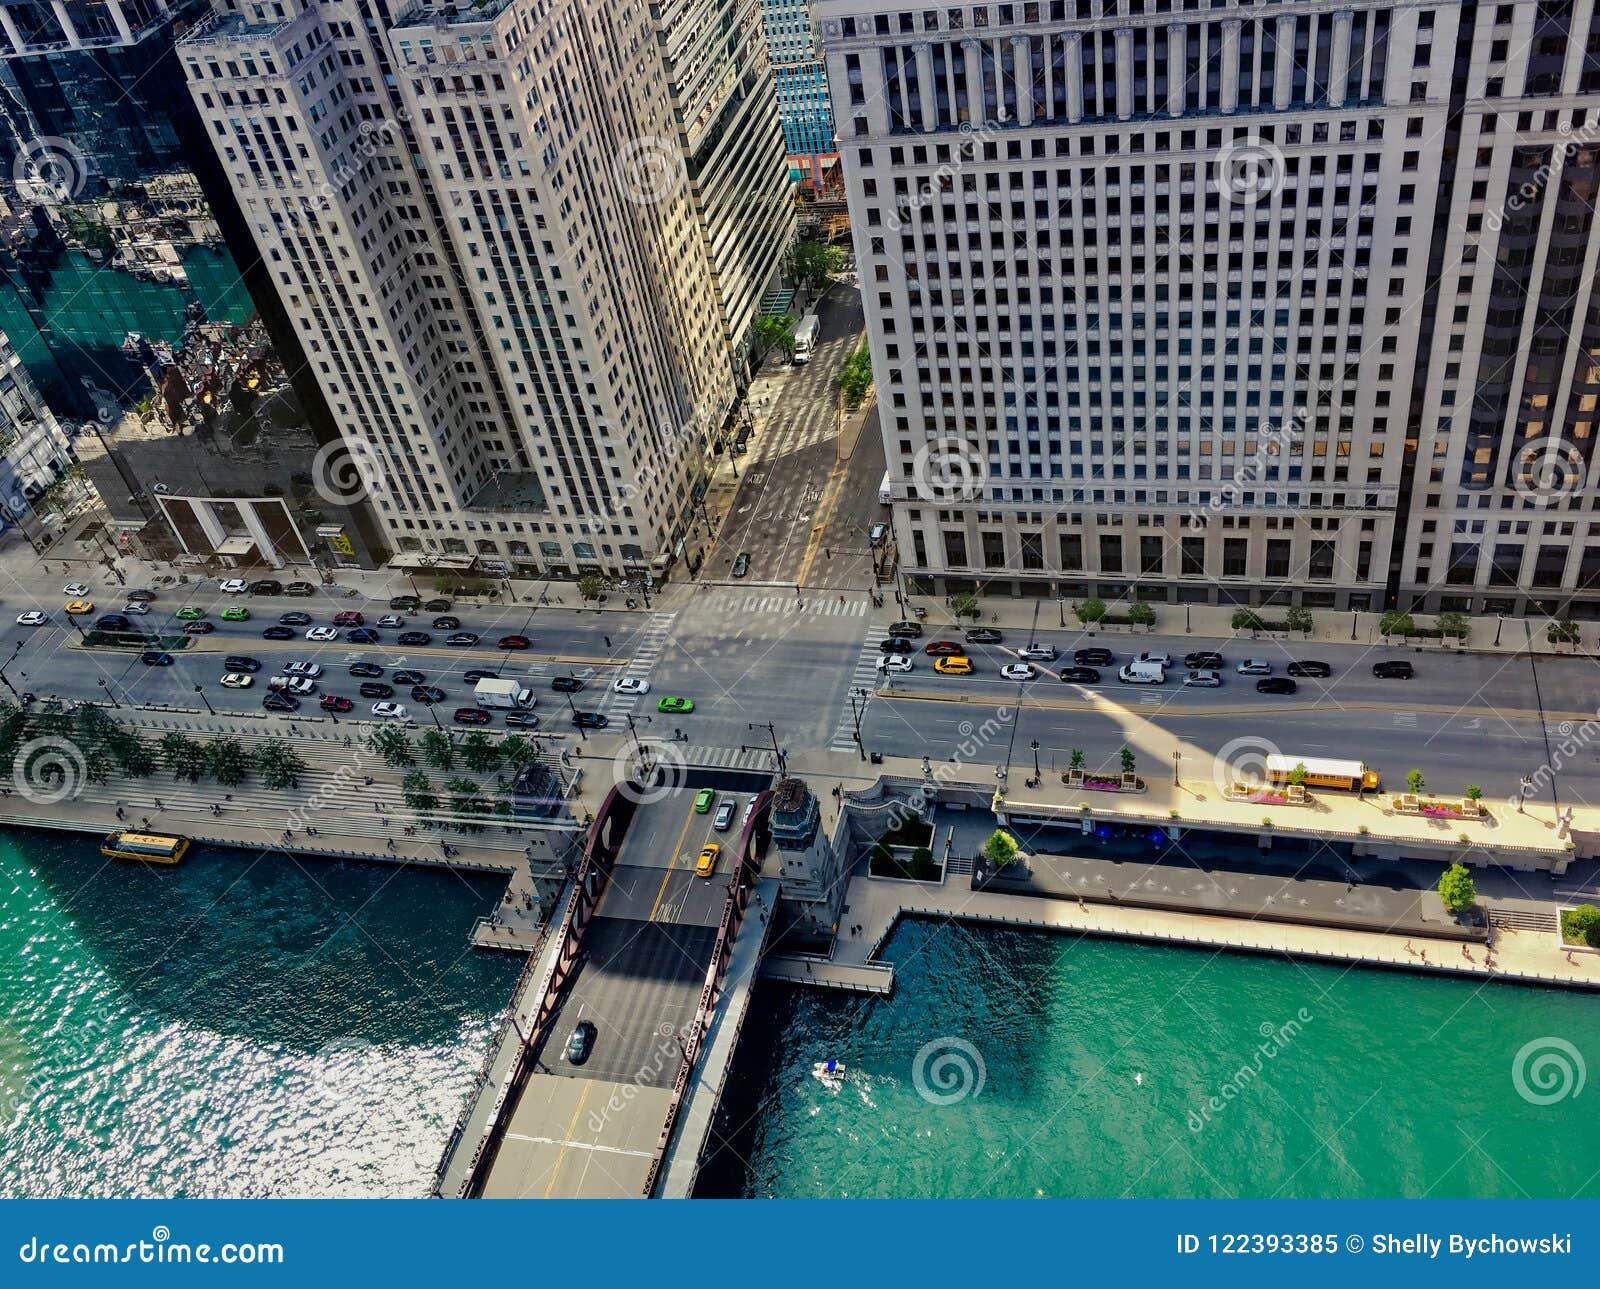 Υψηλή άποψη γωνίας του καλοκαιριού στο Σικάγο, συμπεριλαμβανομένου του ποταμού του Σικάγου, του σχολικού λεωφορείου, του Drive Wa